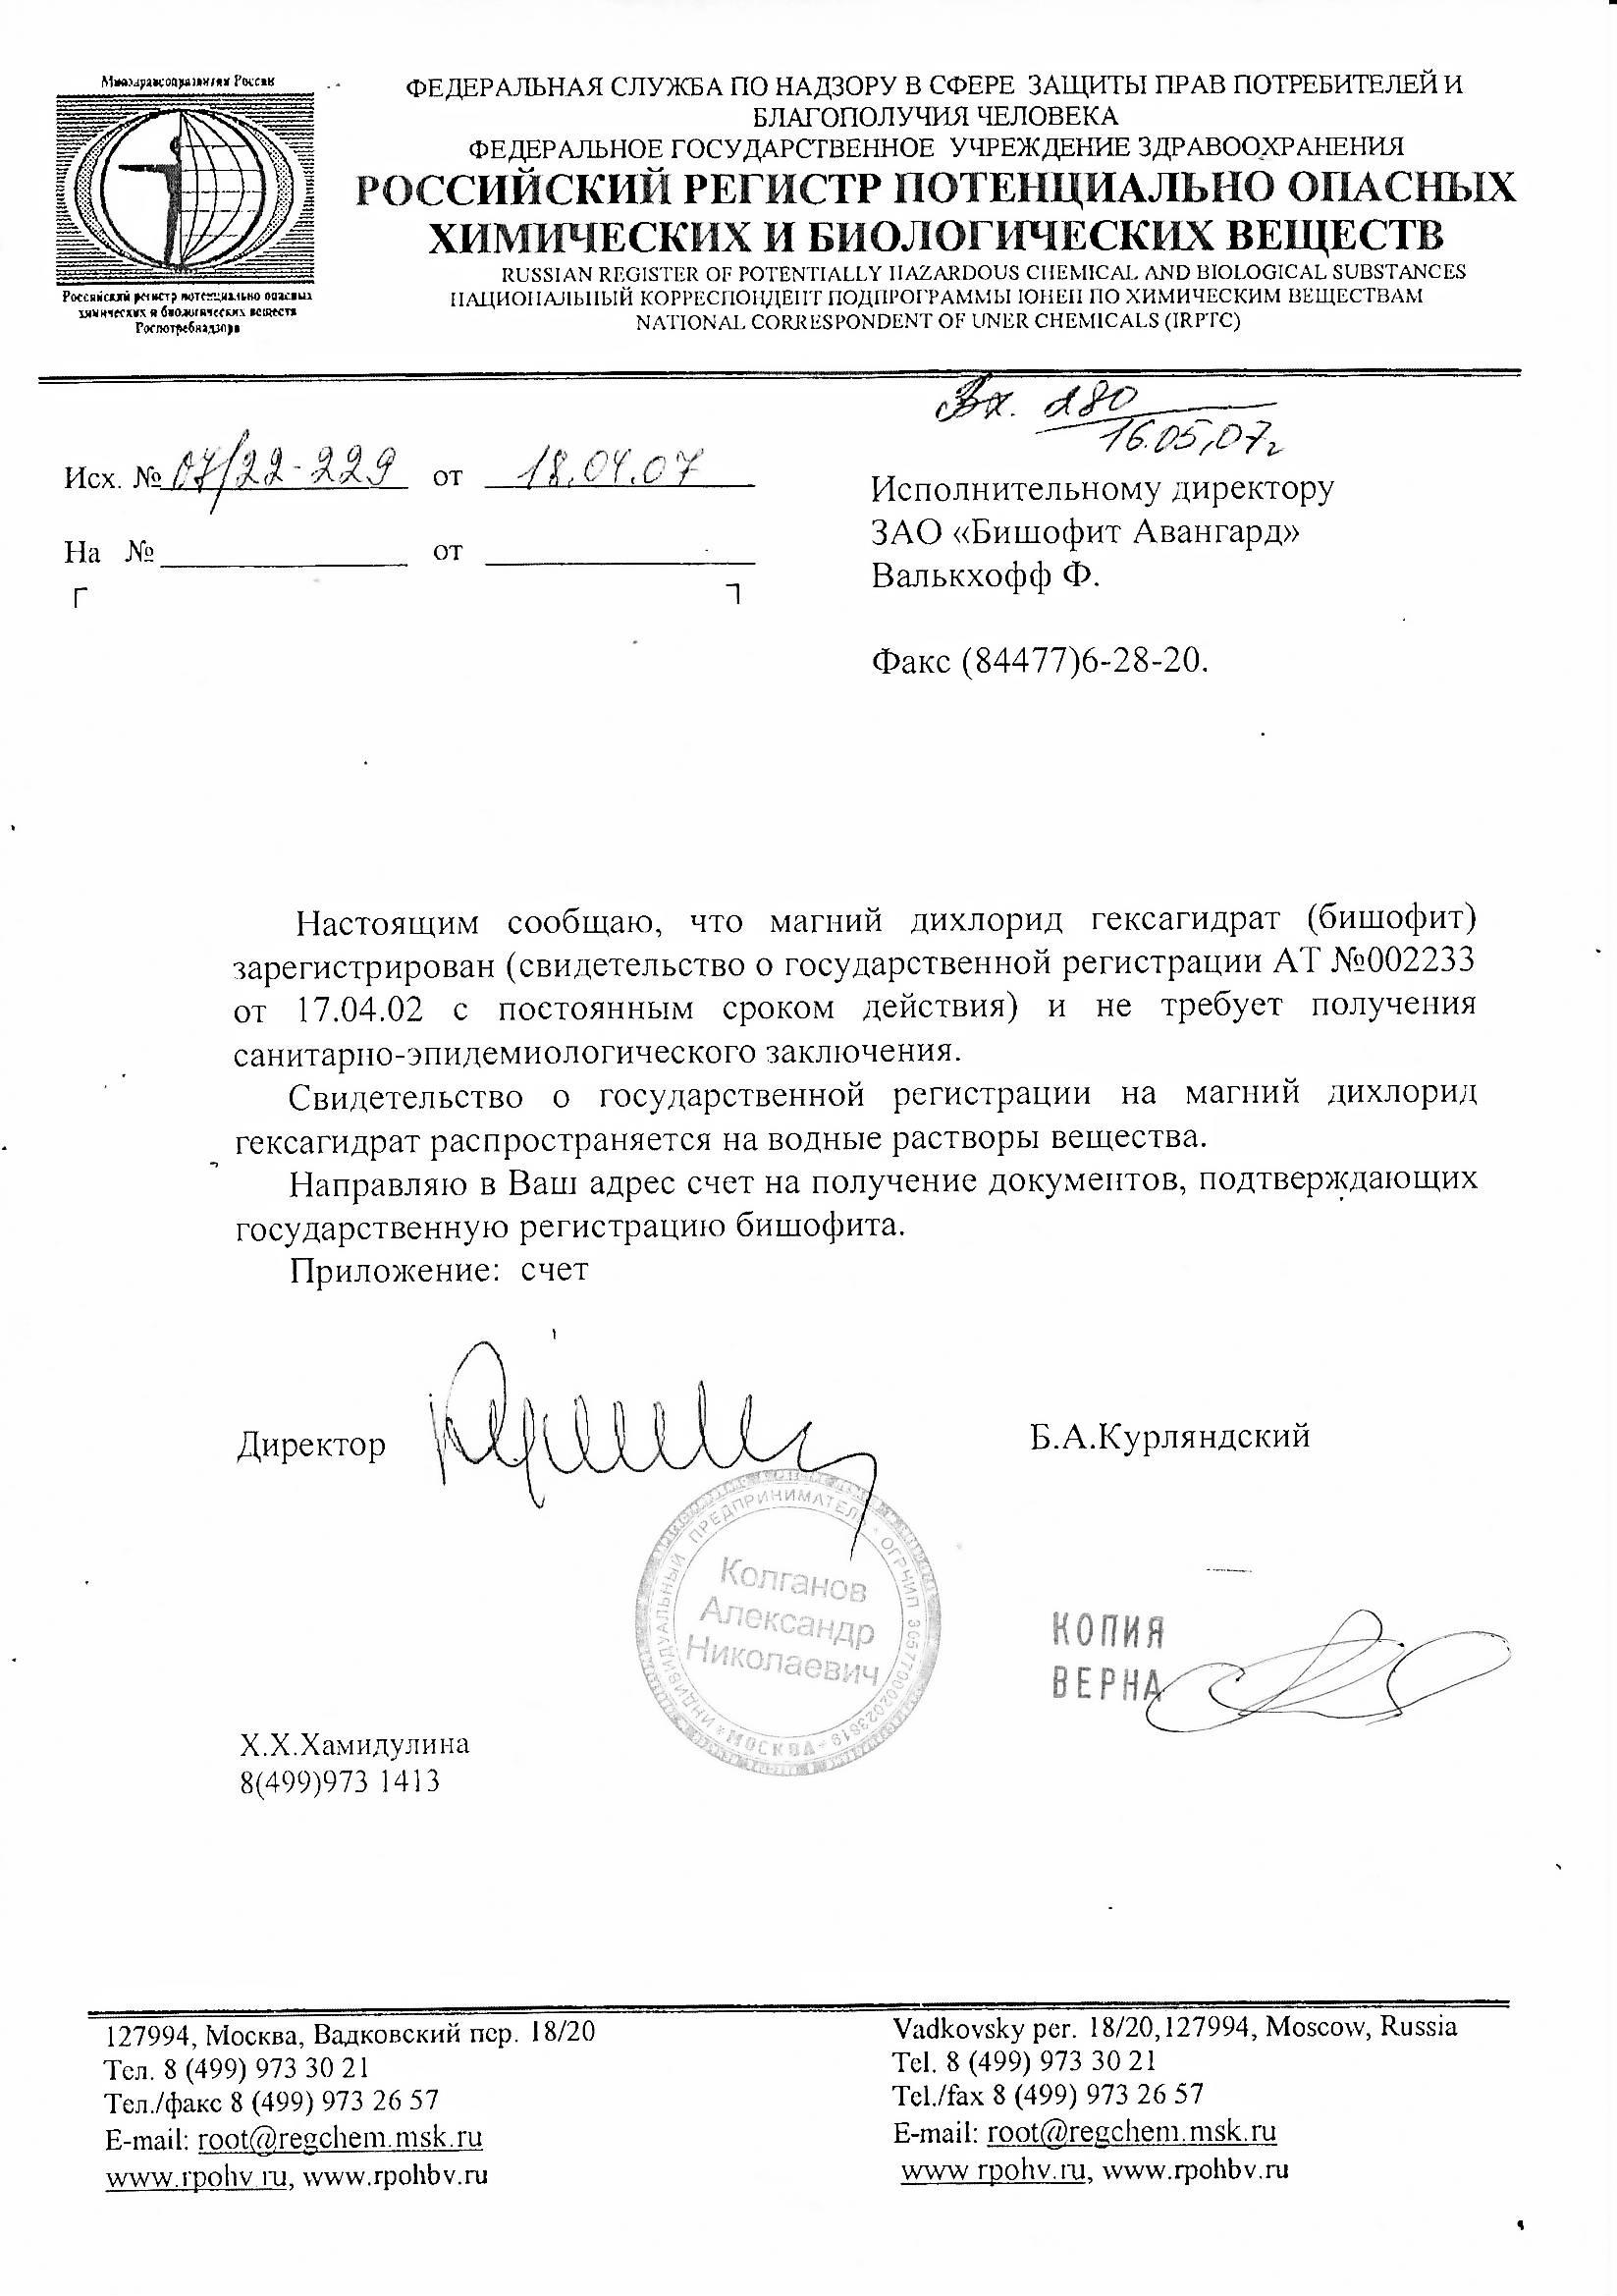 Свидетельство о государственной регистрации - Противогололедный реагент БиоМаг (бишофит, магний хлористый). ✱